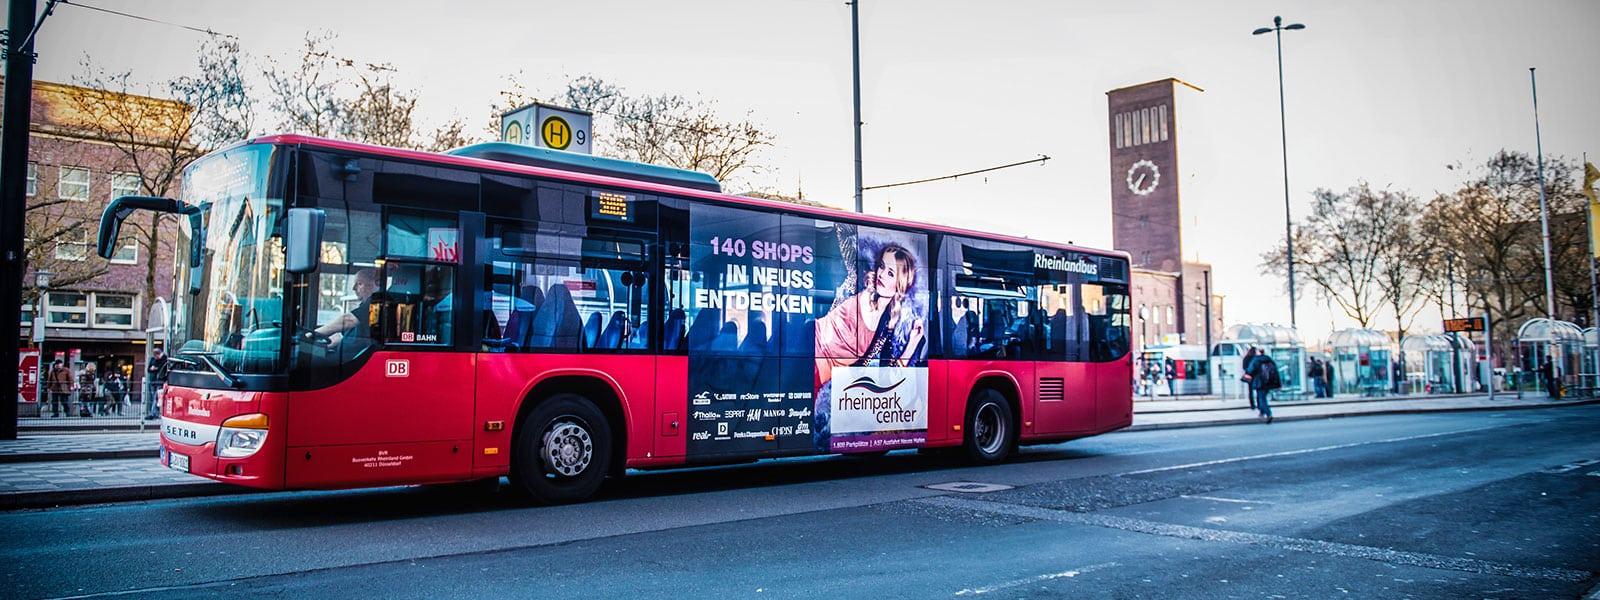 Remscheid-Verkehrsmittelwerbung-Bus-Traffic-Board